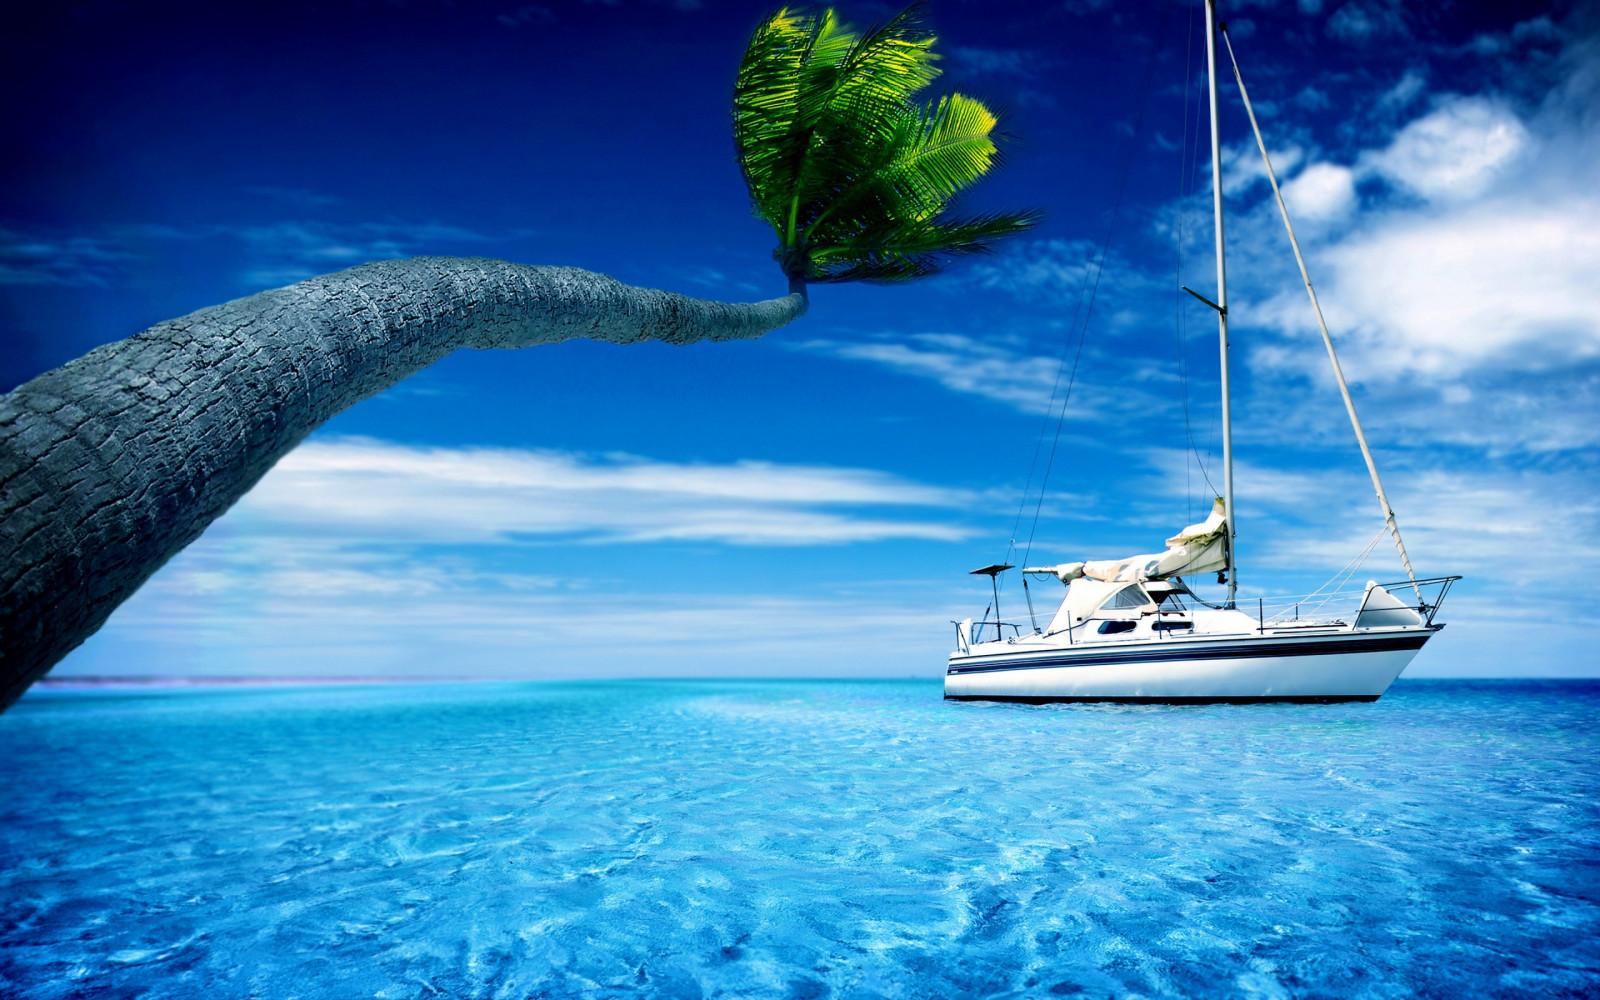 3840x2400 wallpaper ocean boat -#main